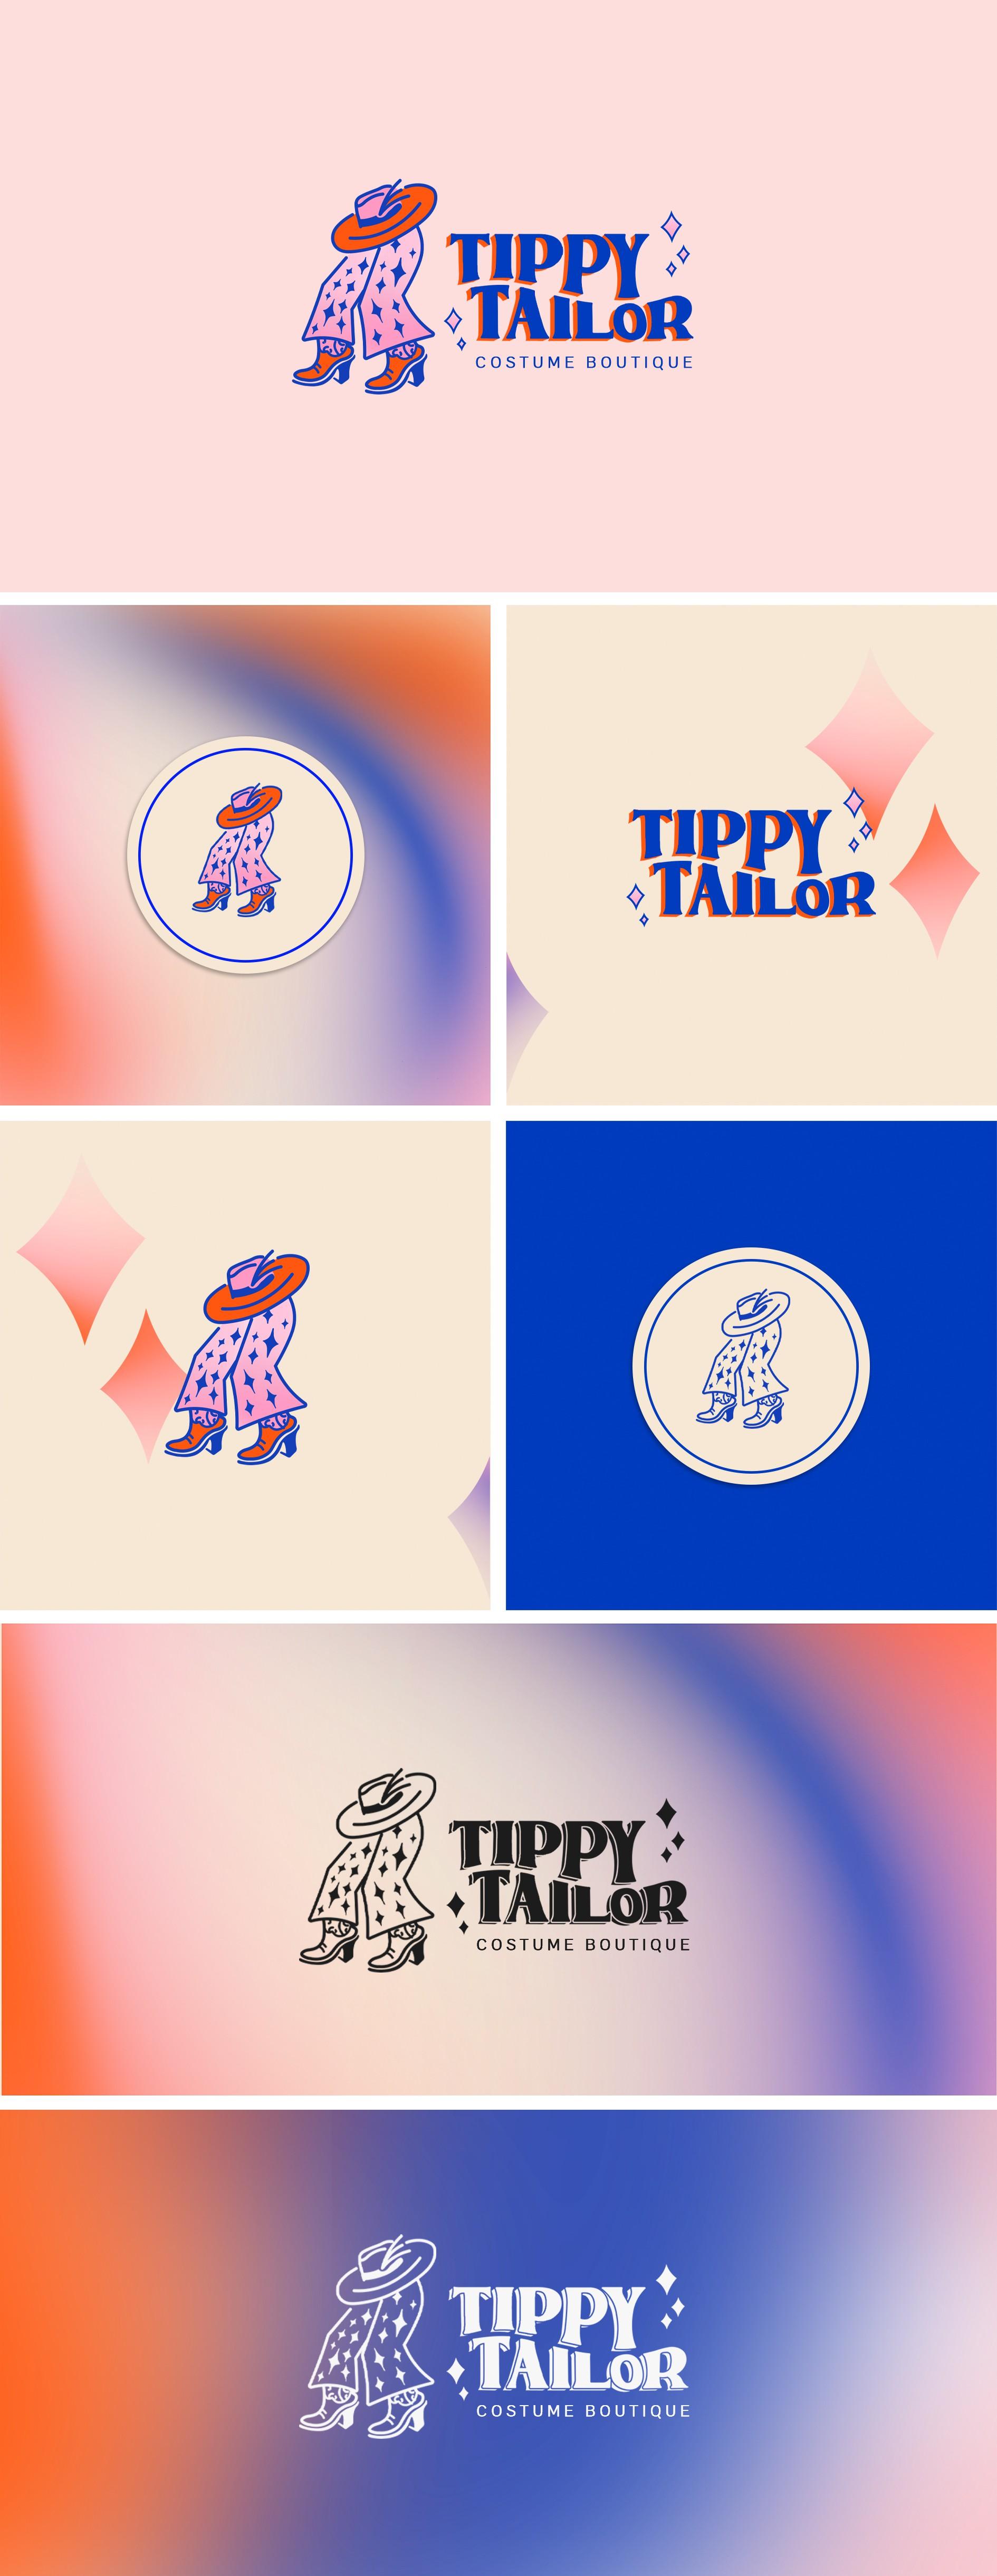 Design a fun logo for a colorful costume boutique